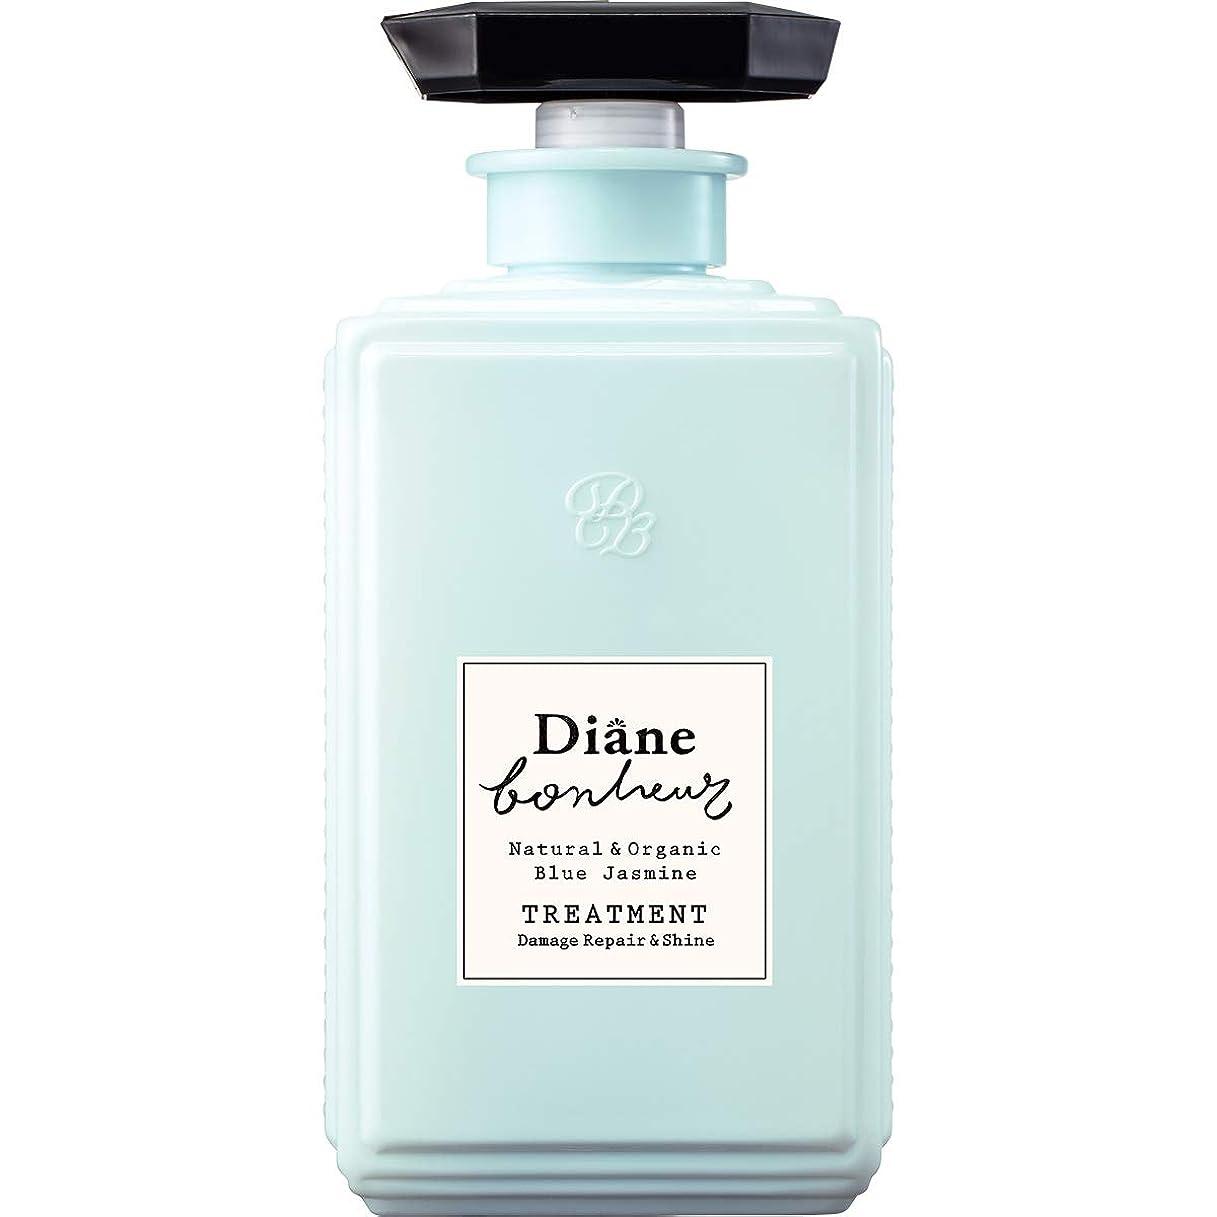 休憩するモデレータおしゃれじゃないダイアン ボヌール トリートメント ブルージャスミンの香り ダメージリペア&シャイン 500ml